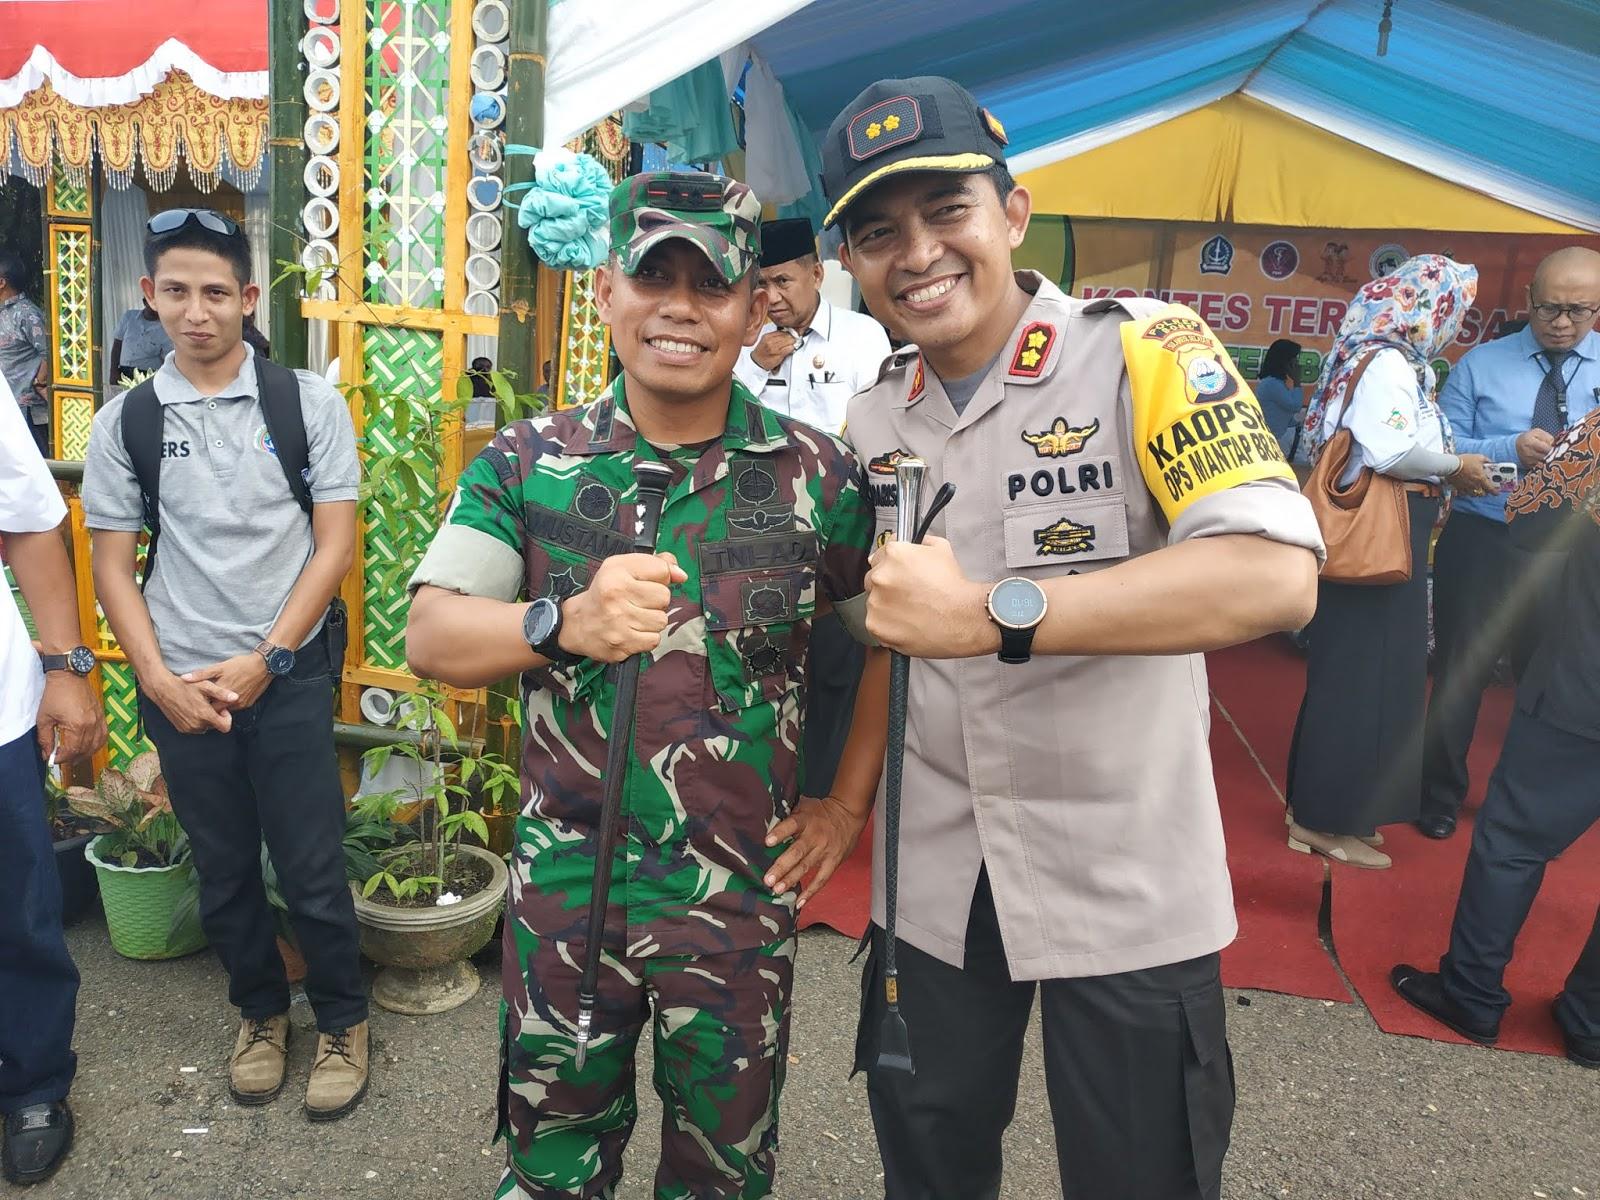 Buat Warga Bone, Jangan Takut Gunakan Hak Pilihta, Keamananta Dijamin TNI-POLRI